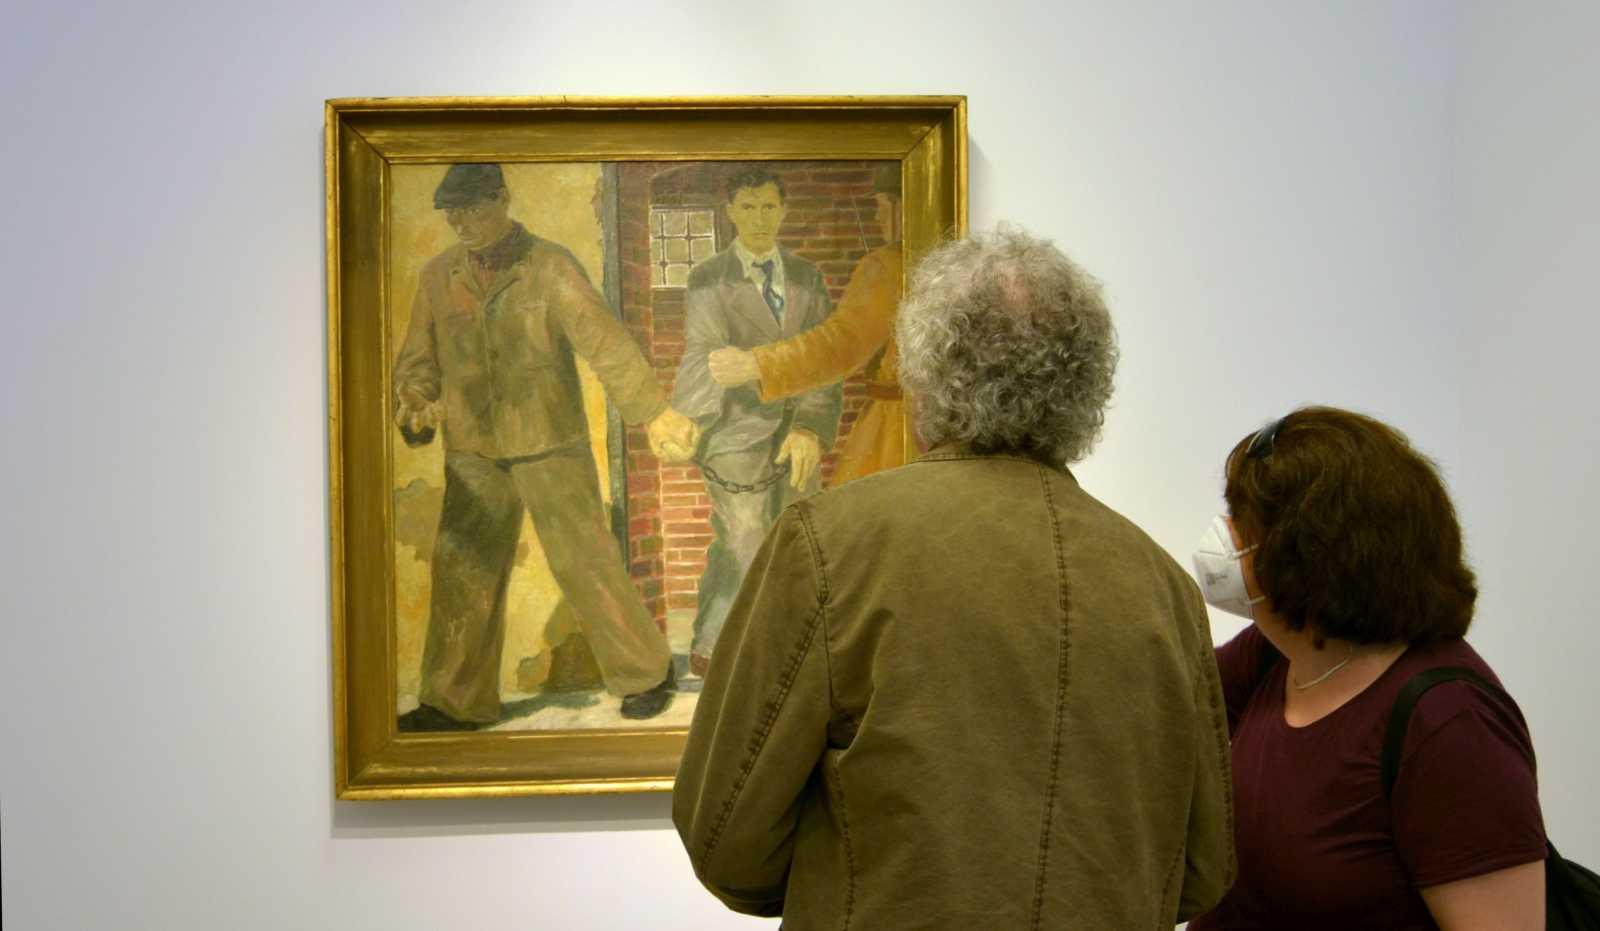 A Józsa Béla című kép Nagy Albert szocreál korszakának jelentős munkája, a kiállításon kiderül egy érdekesség a keletkezéstörténetéről